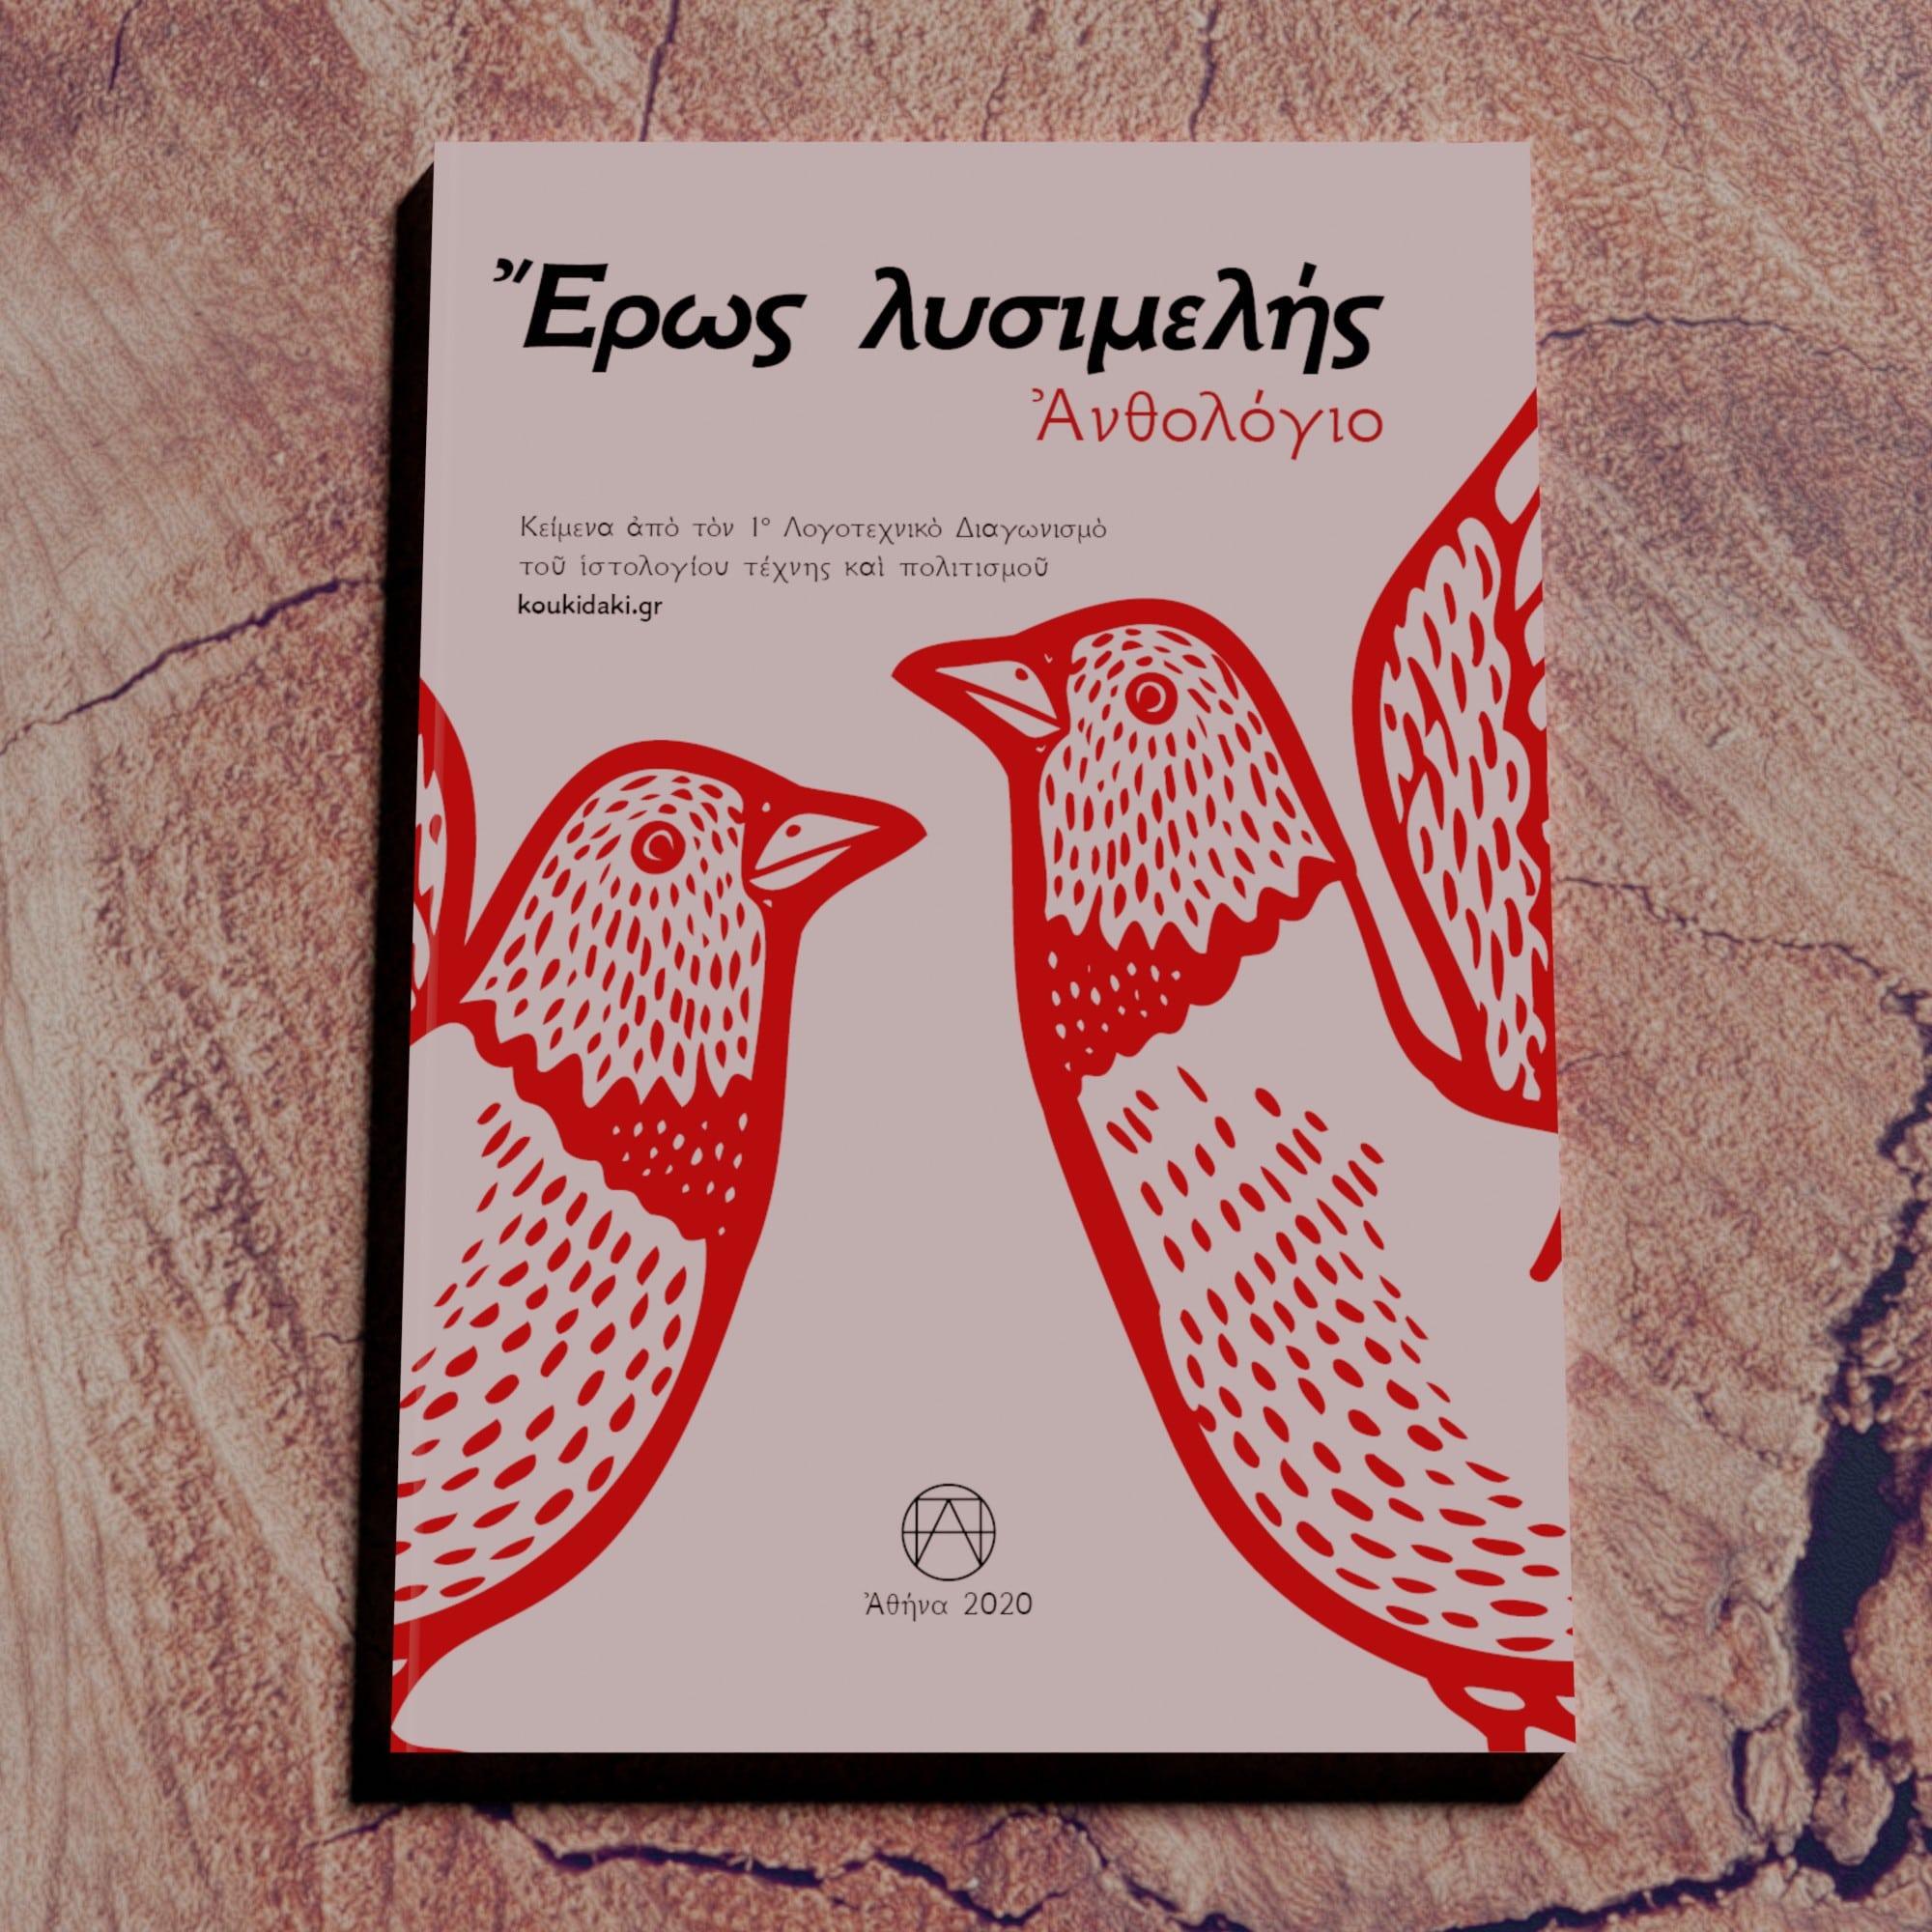 έρως-λυσιμελής-θεοδόσης-αγγ-παπαδημητρόπουλος